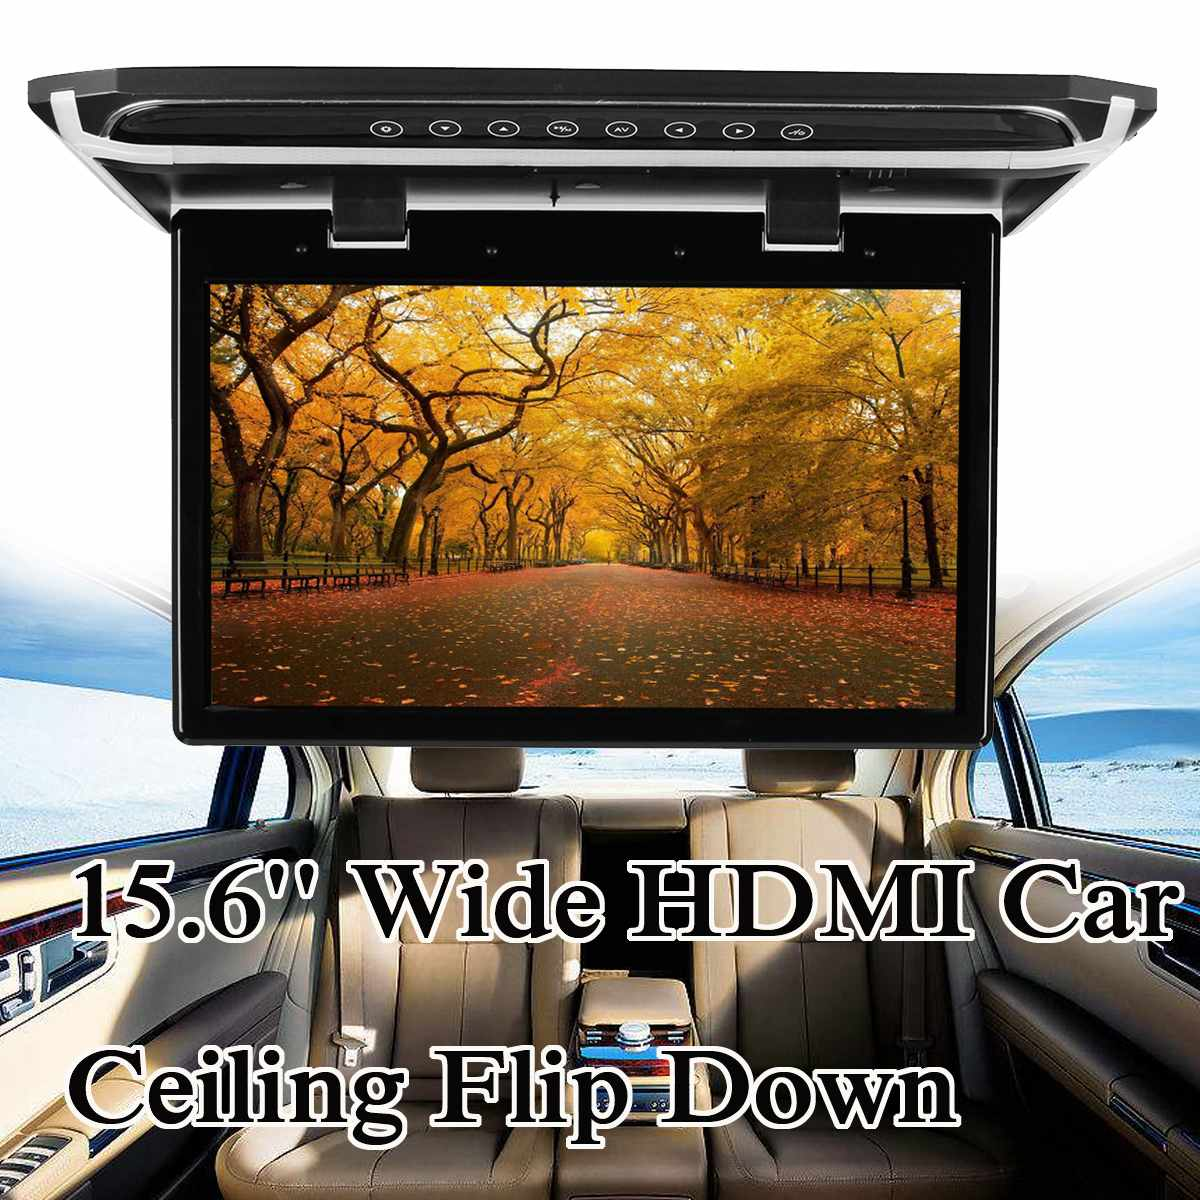 15.6 HD lecteur DVD de voiture grand écran HDMI plafond de voiture rabattable moniteur lecteur de montage sur le toit 1920*1080 - 5